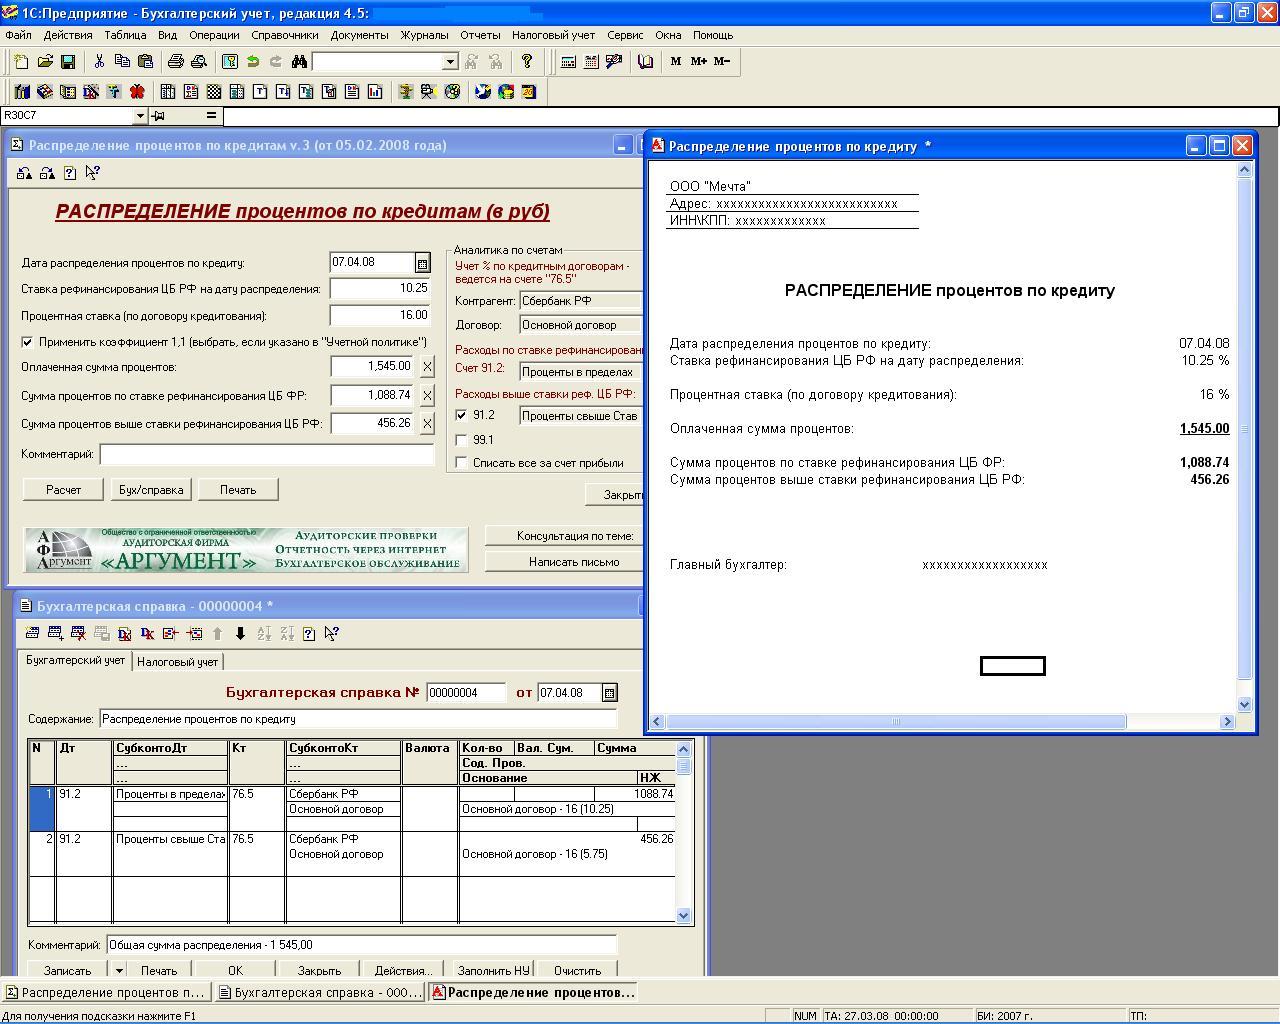 учет процентов по кредитам в банках онлайн заявка на займ во все займы